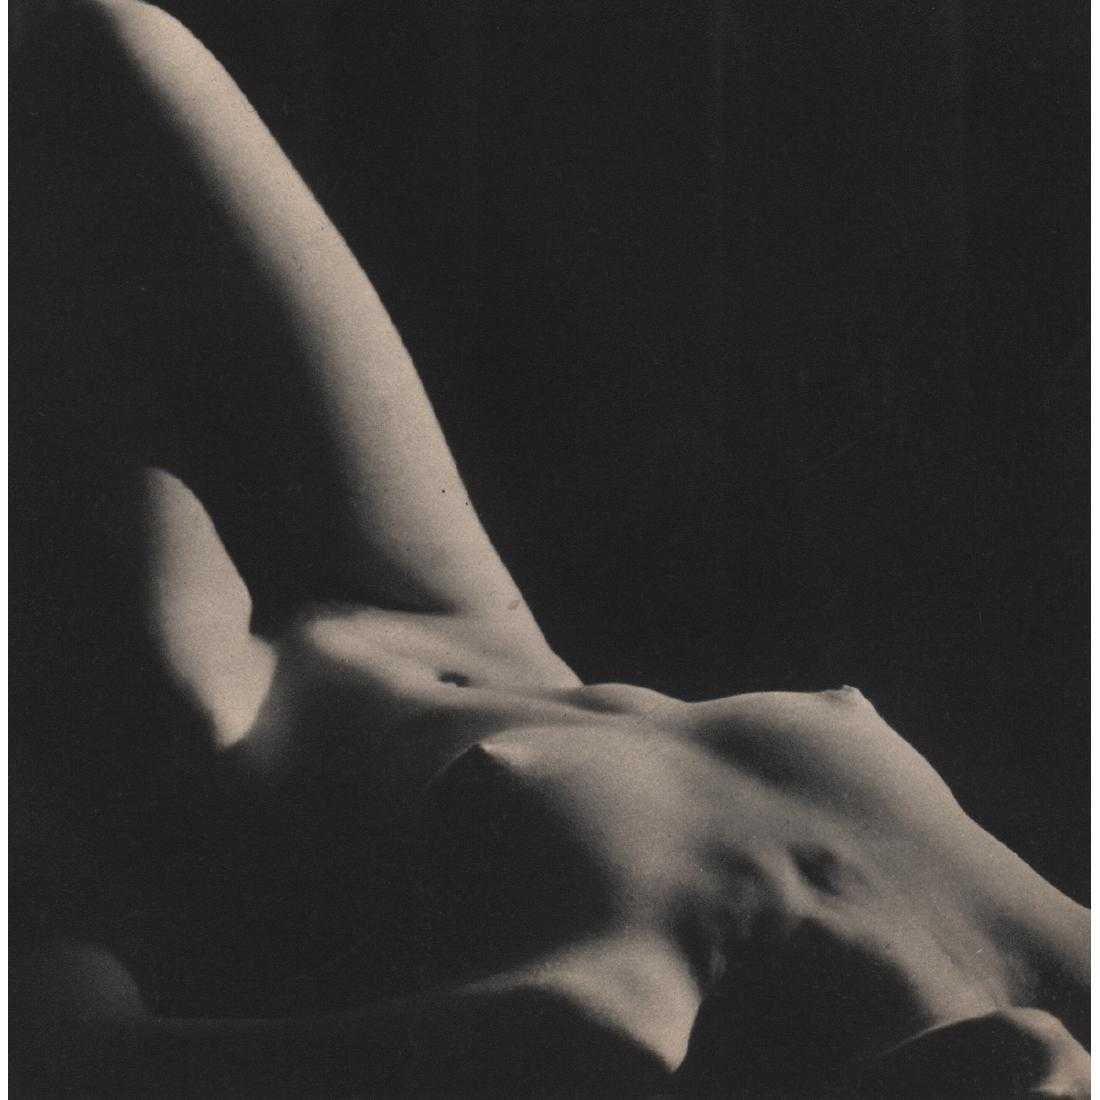 PINCUS RICE - Nude - 2